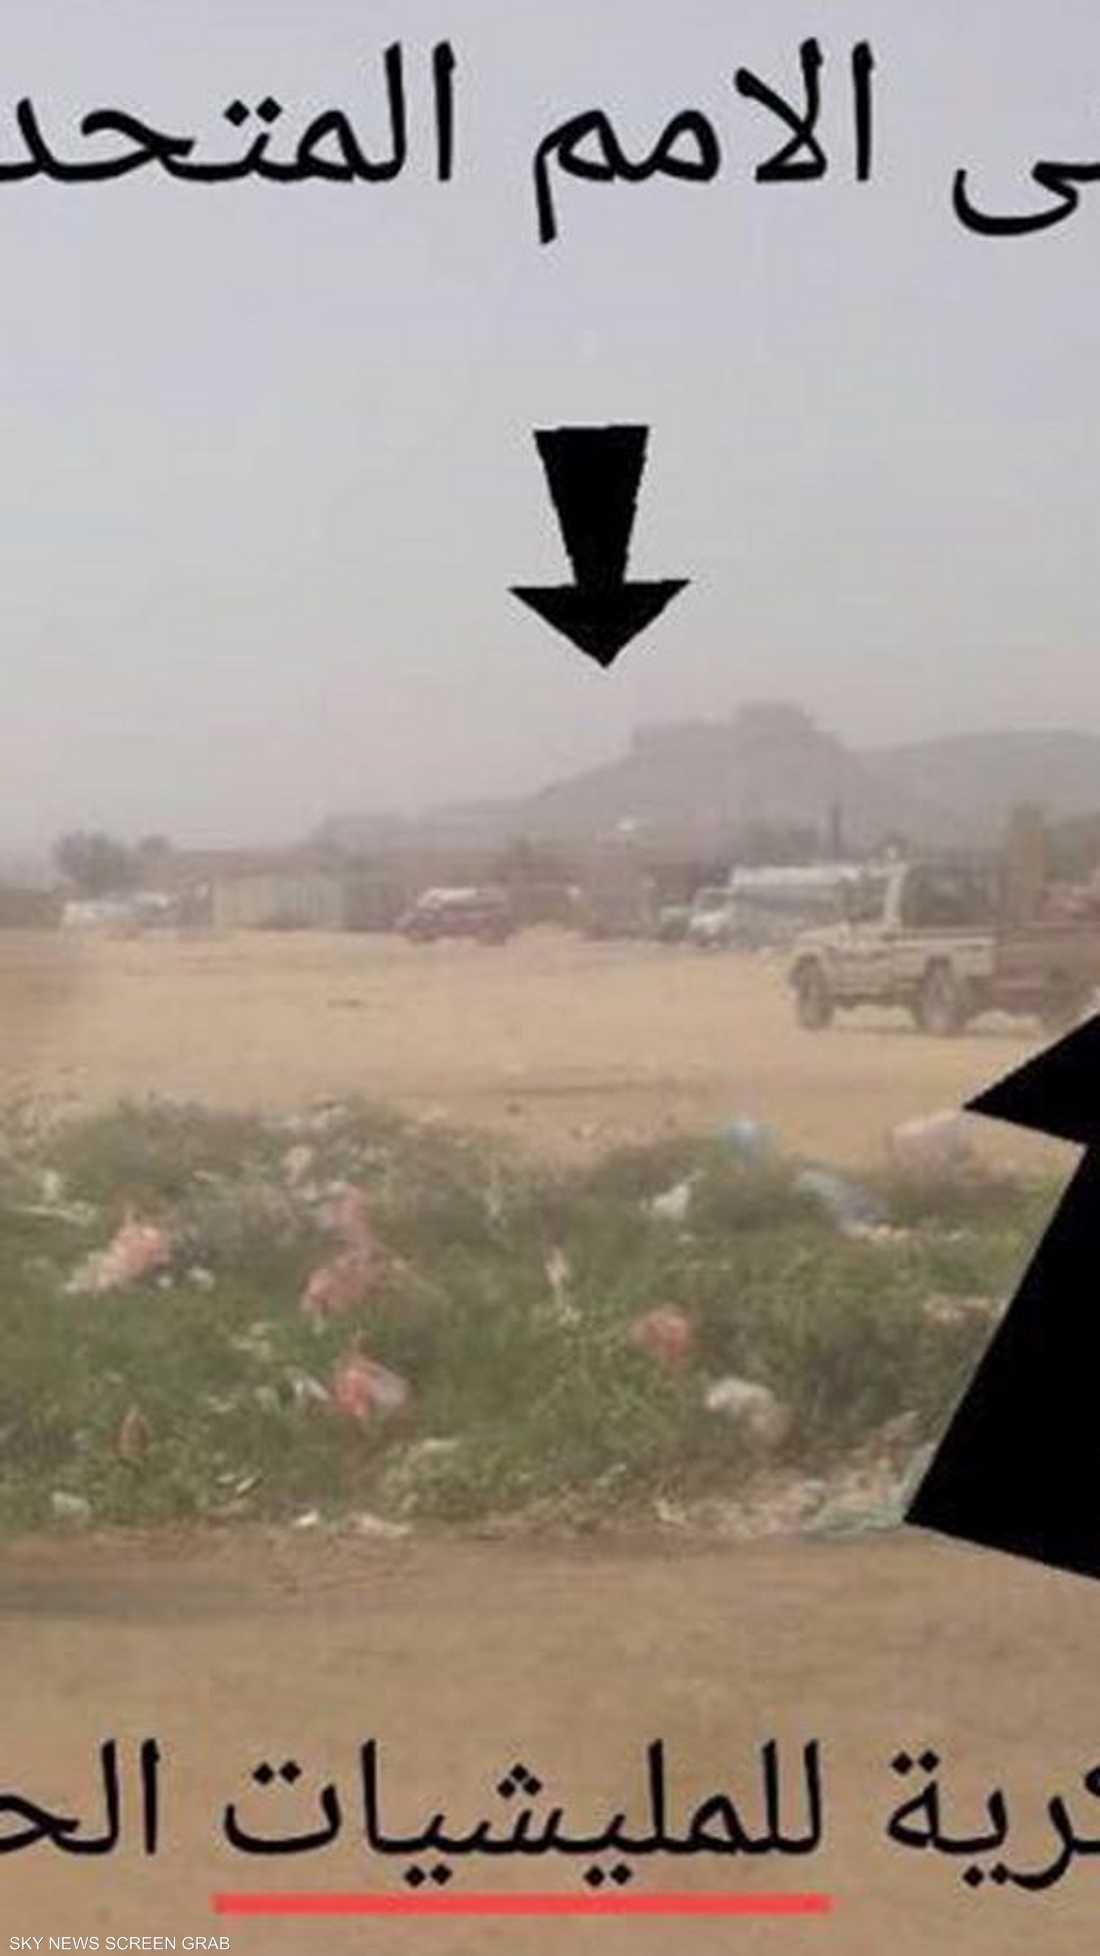 رصد تحركات الحوثيين قرب منأة تابعة للأمم المتحدة